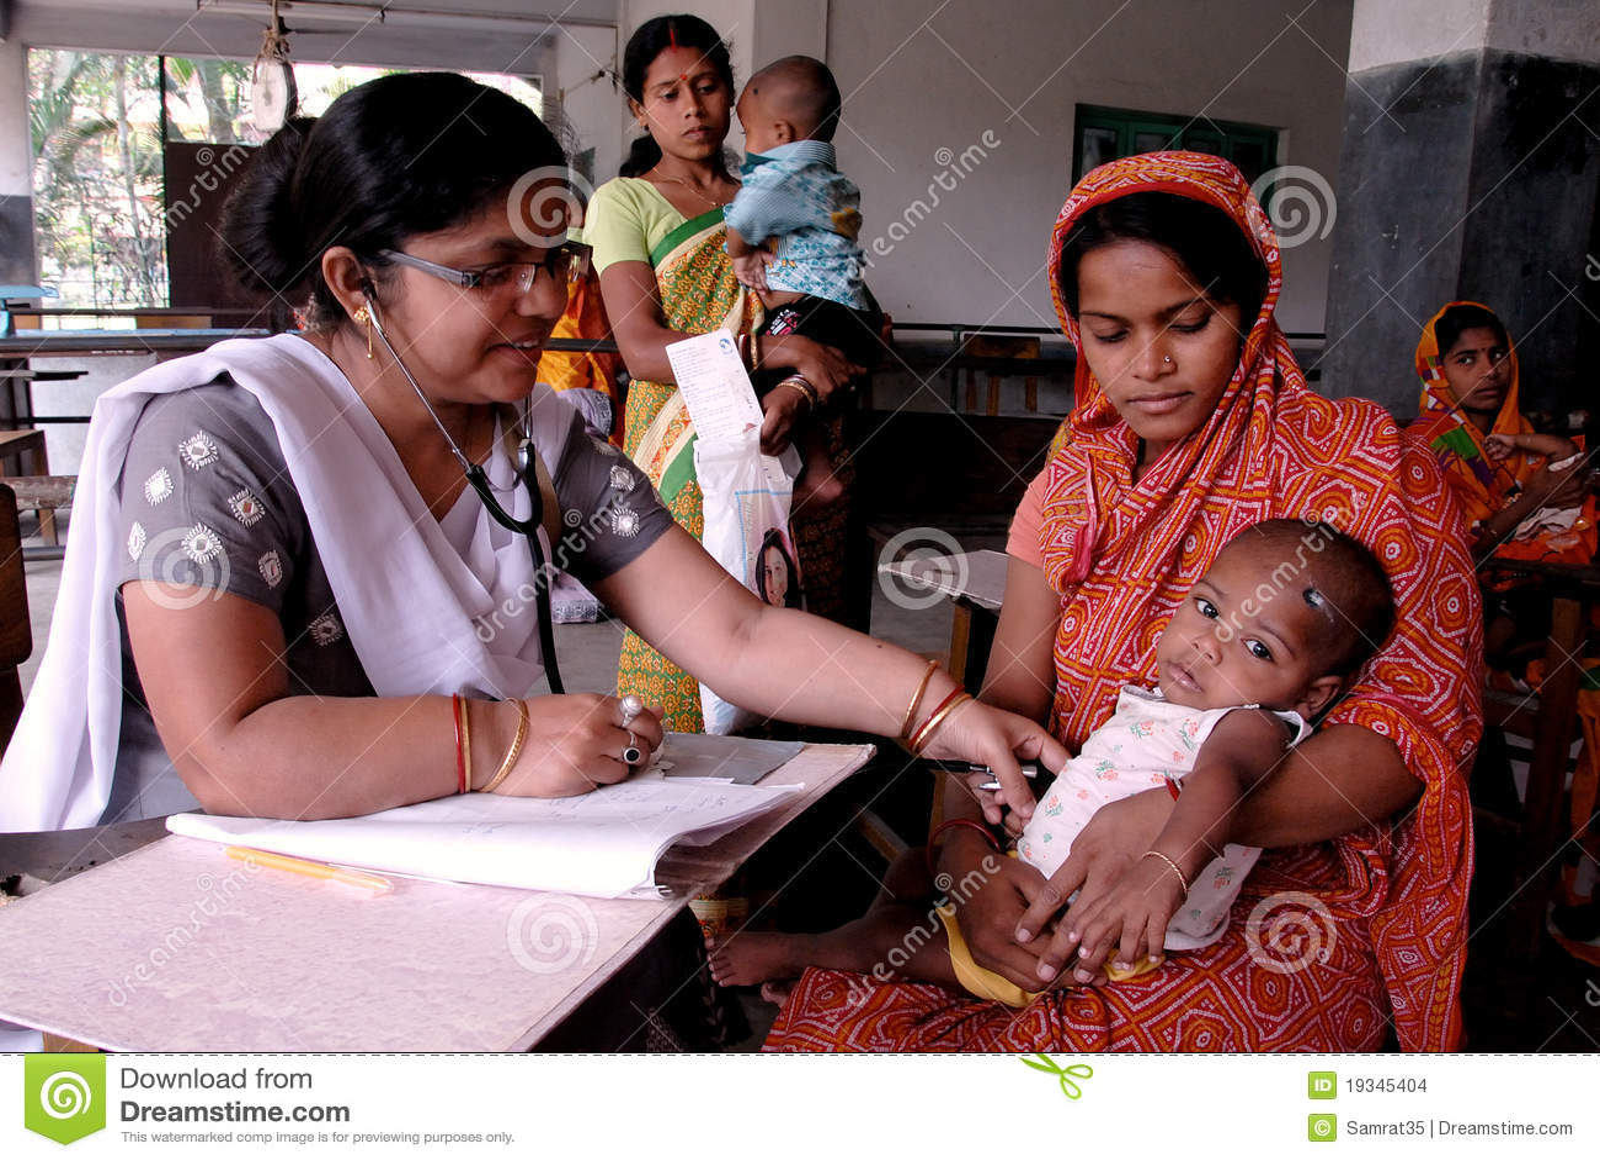 дети Индия недостаточно питающийся